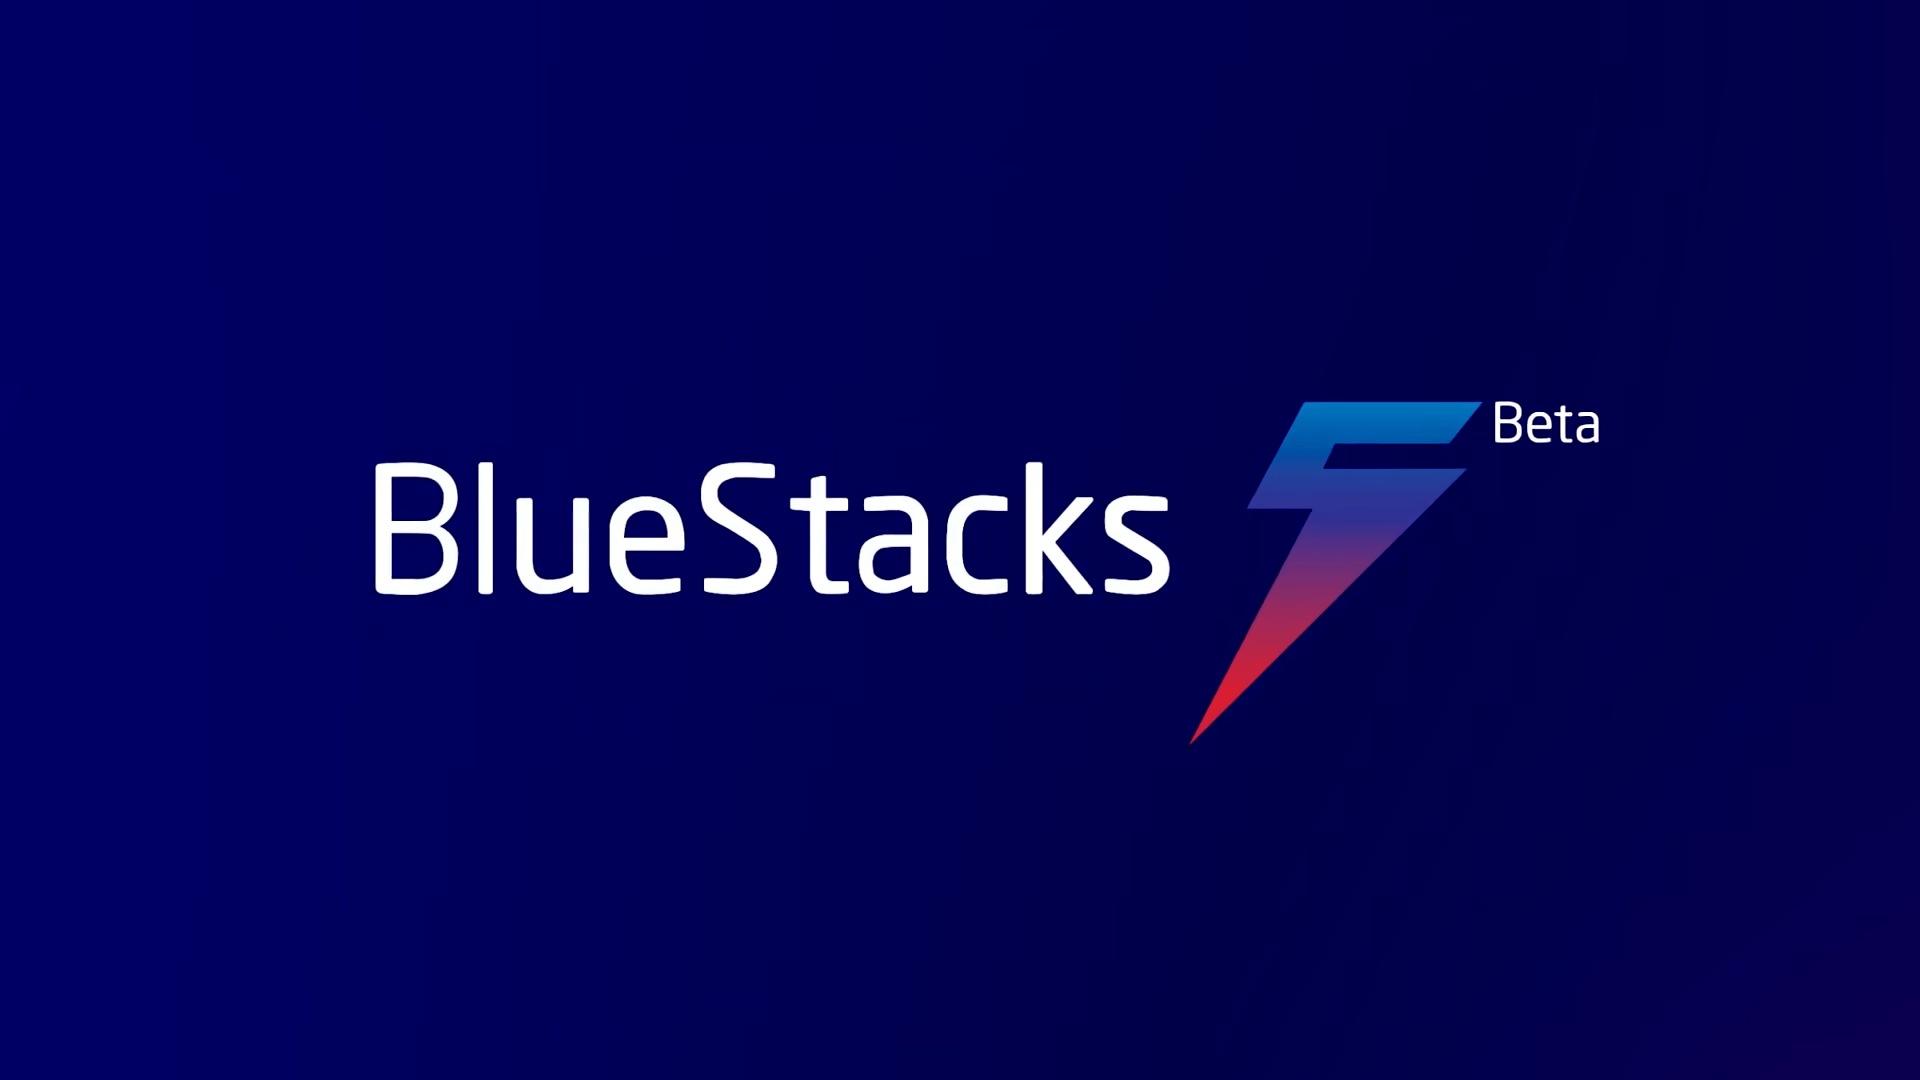 BlueStacks, una piattaforma americana per giochi che permette l'emulazione di applicazioni Android (BlueStacks)